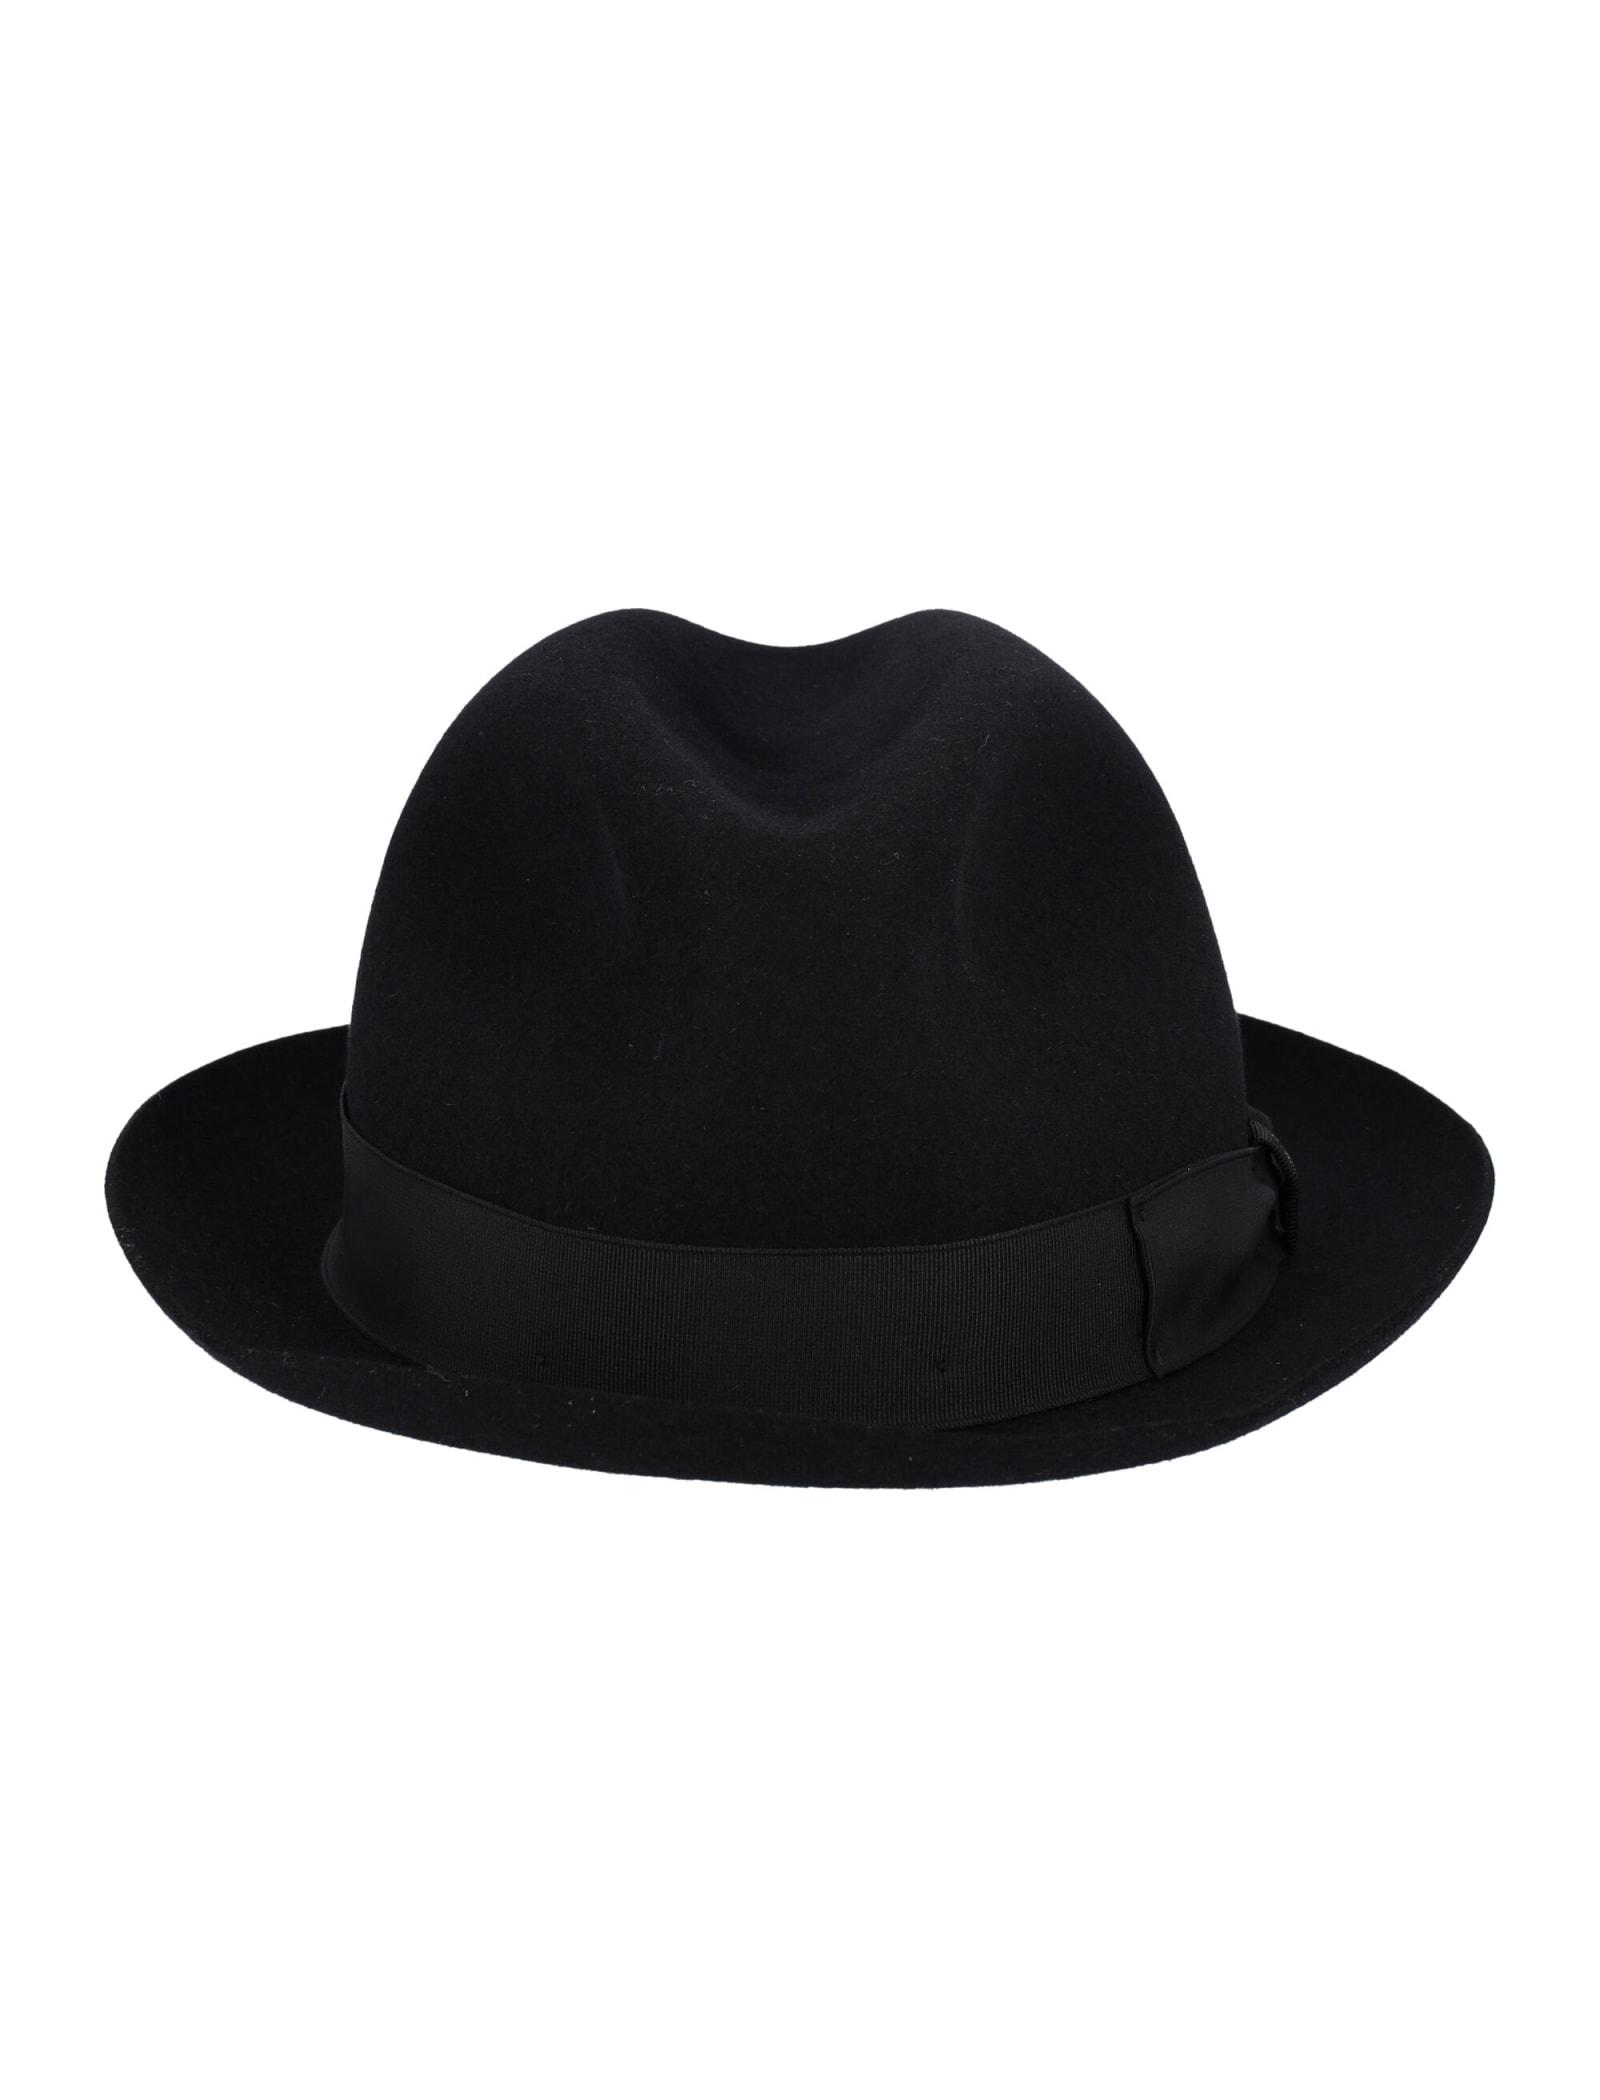 Marengo Small Brim Hat